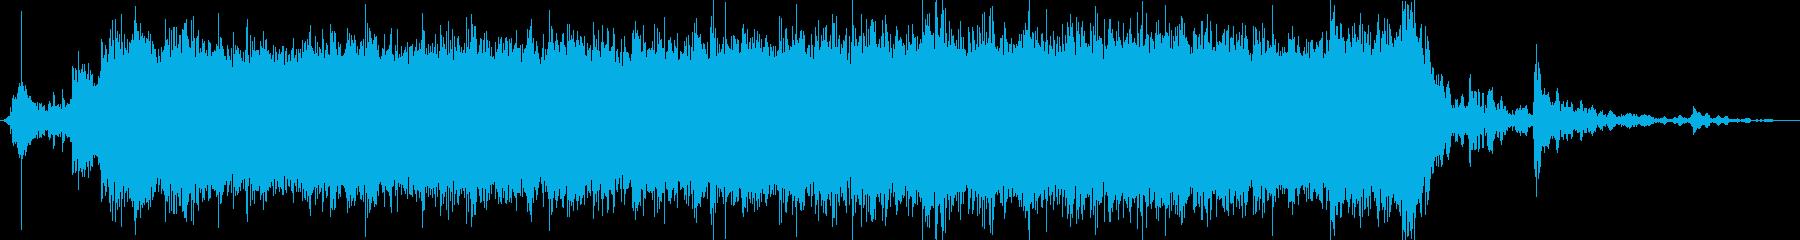 ザー(シャワーの音)の再生済みの波形